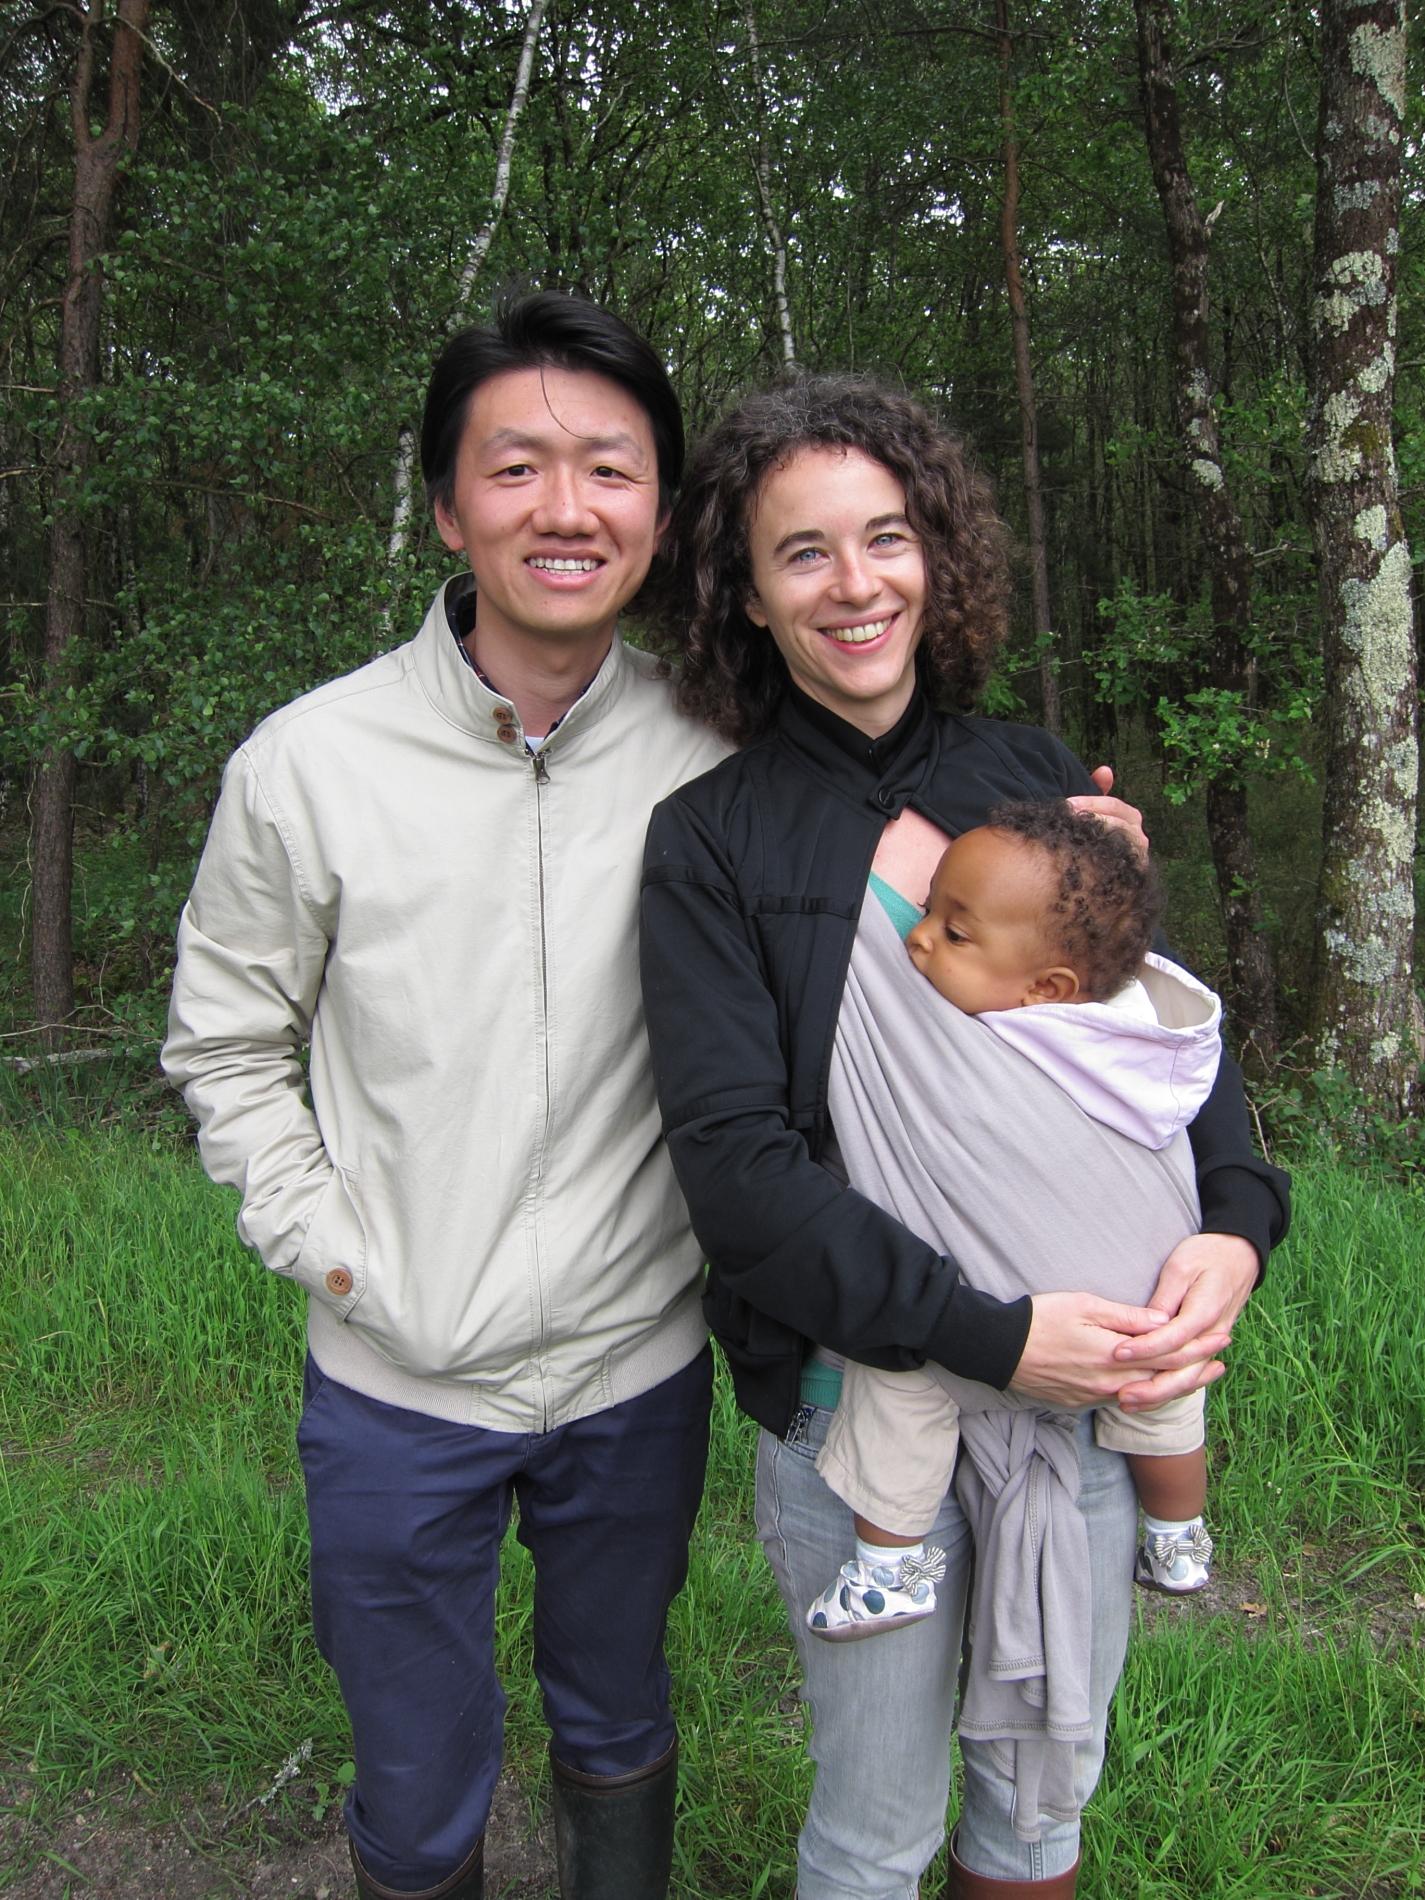 Zhizhong, Lisa and Aya, at l'étang Robert.